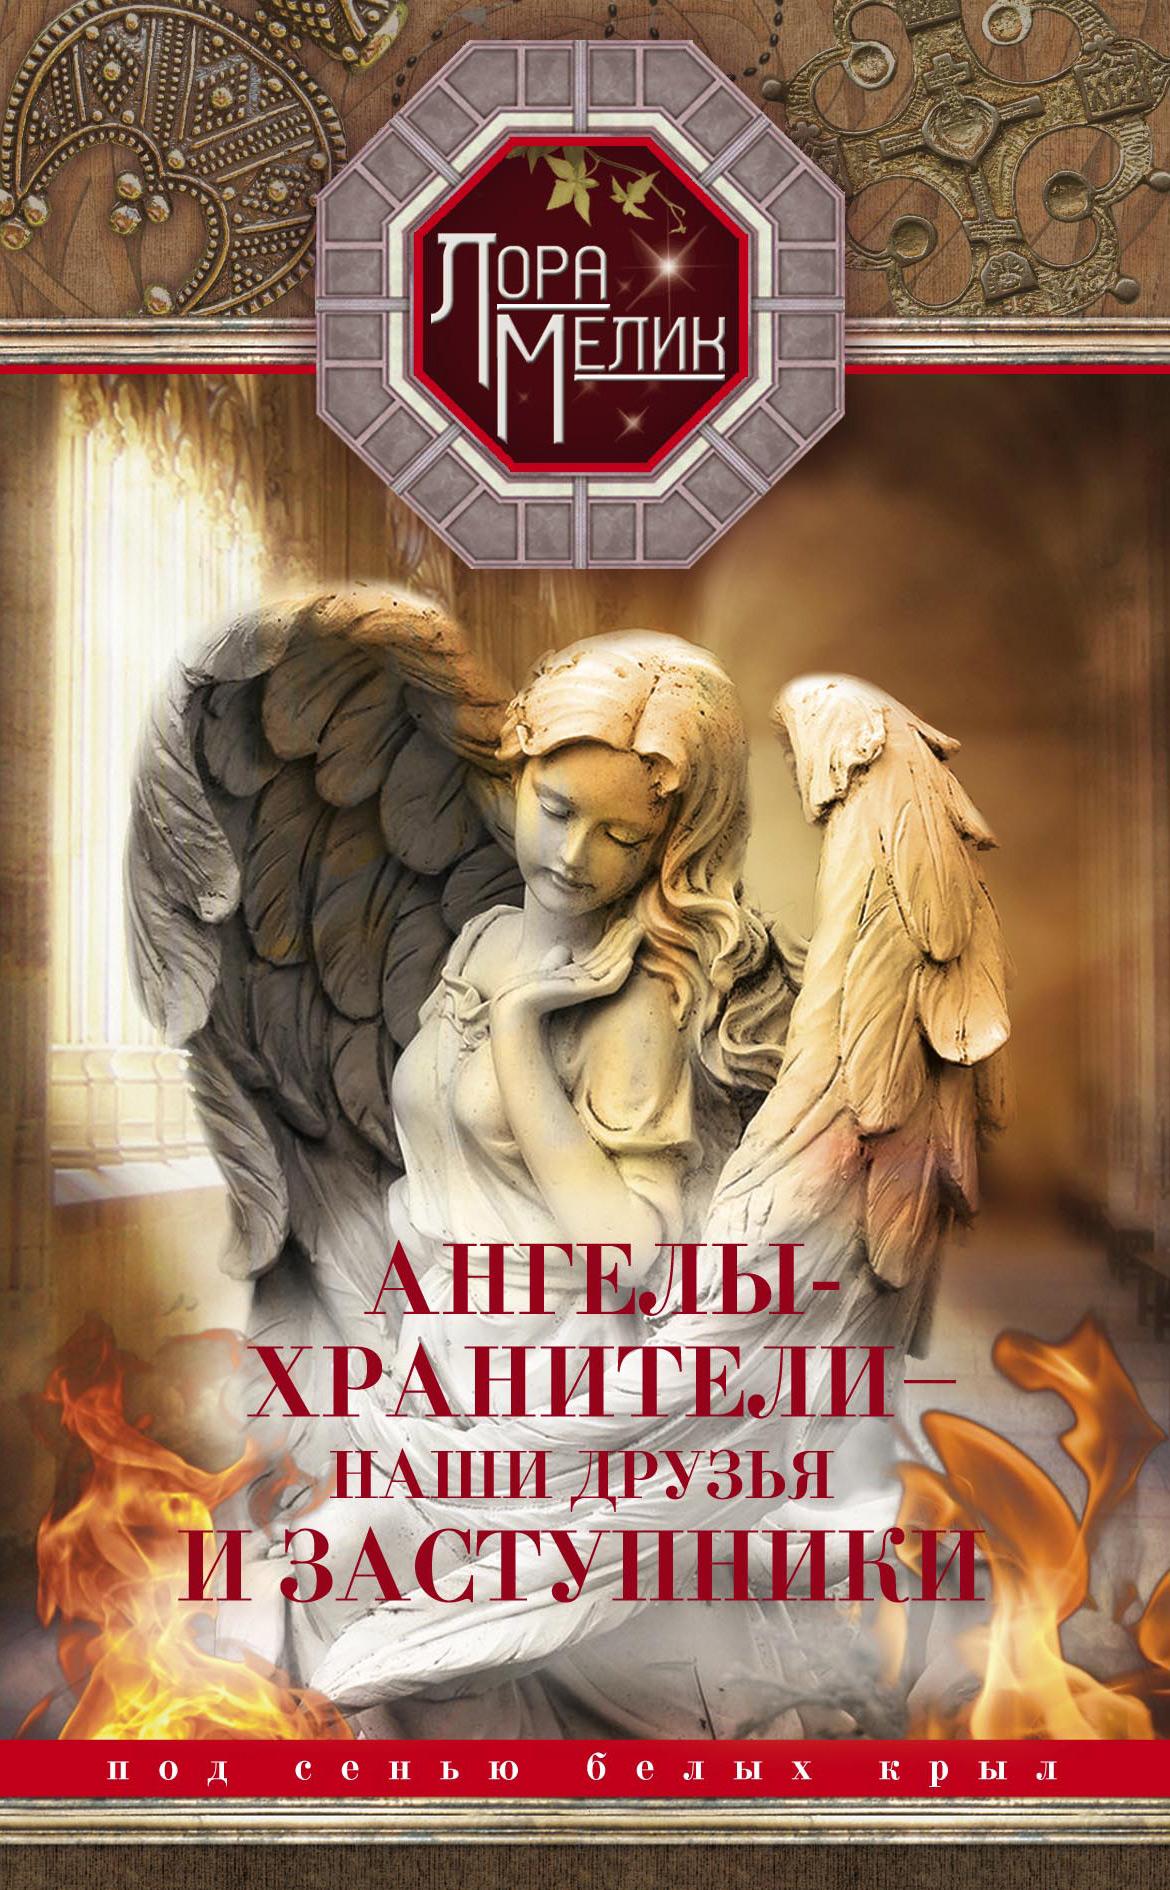 Ангелы-хранители – наши друзья и заступники. Под сенью белых крыл ( Лора Мелик  )